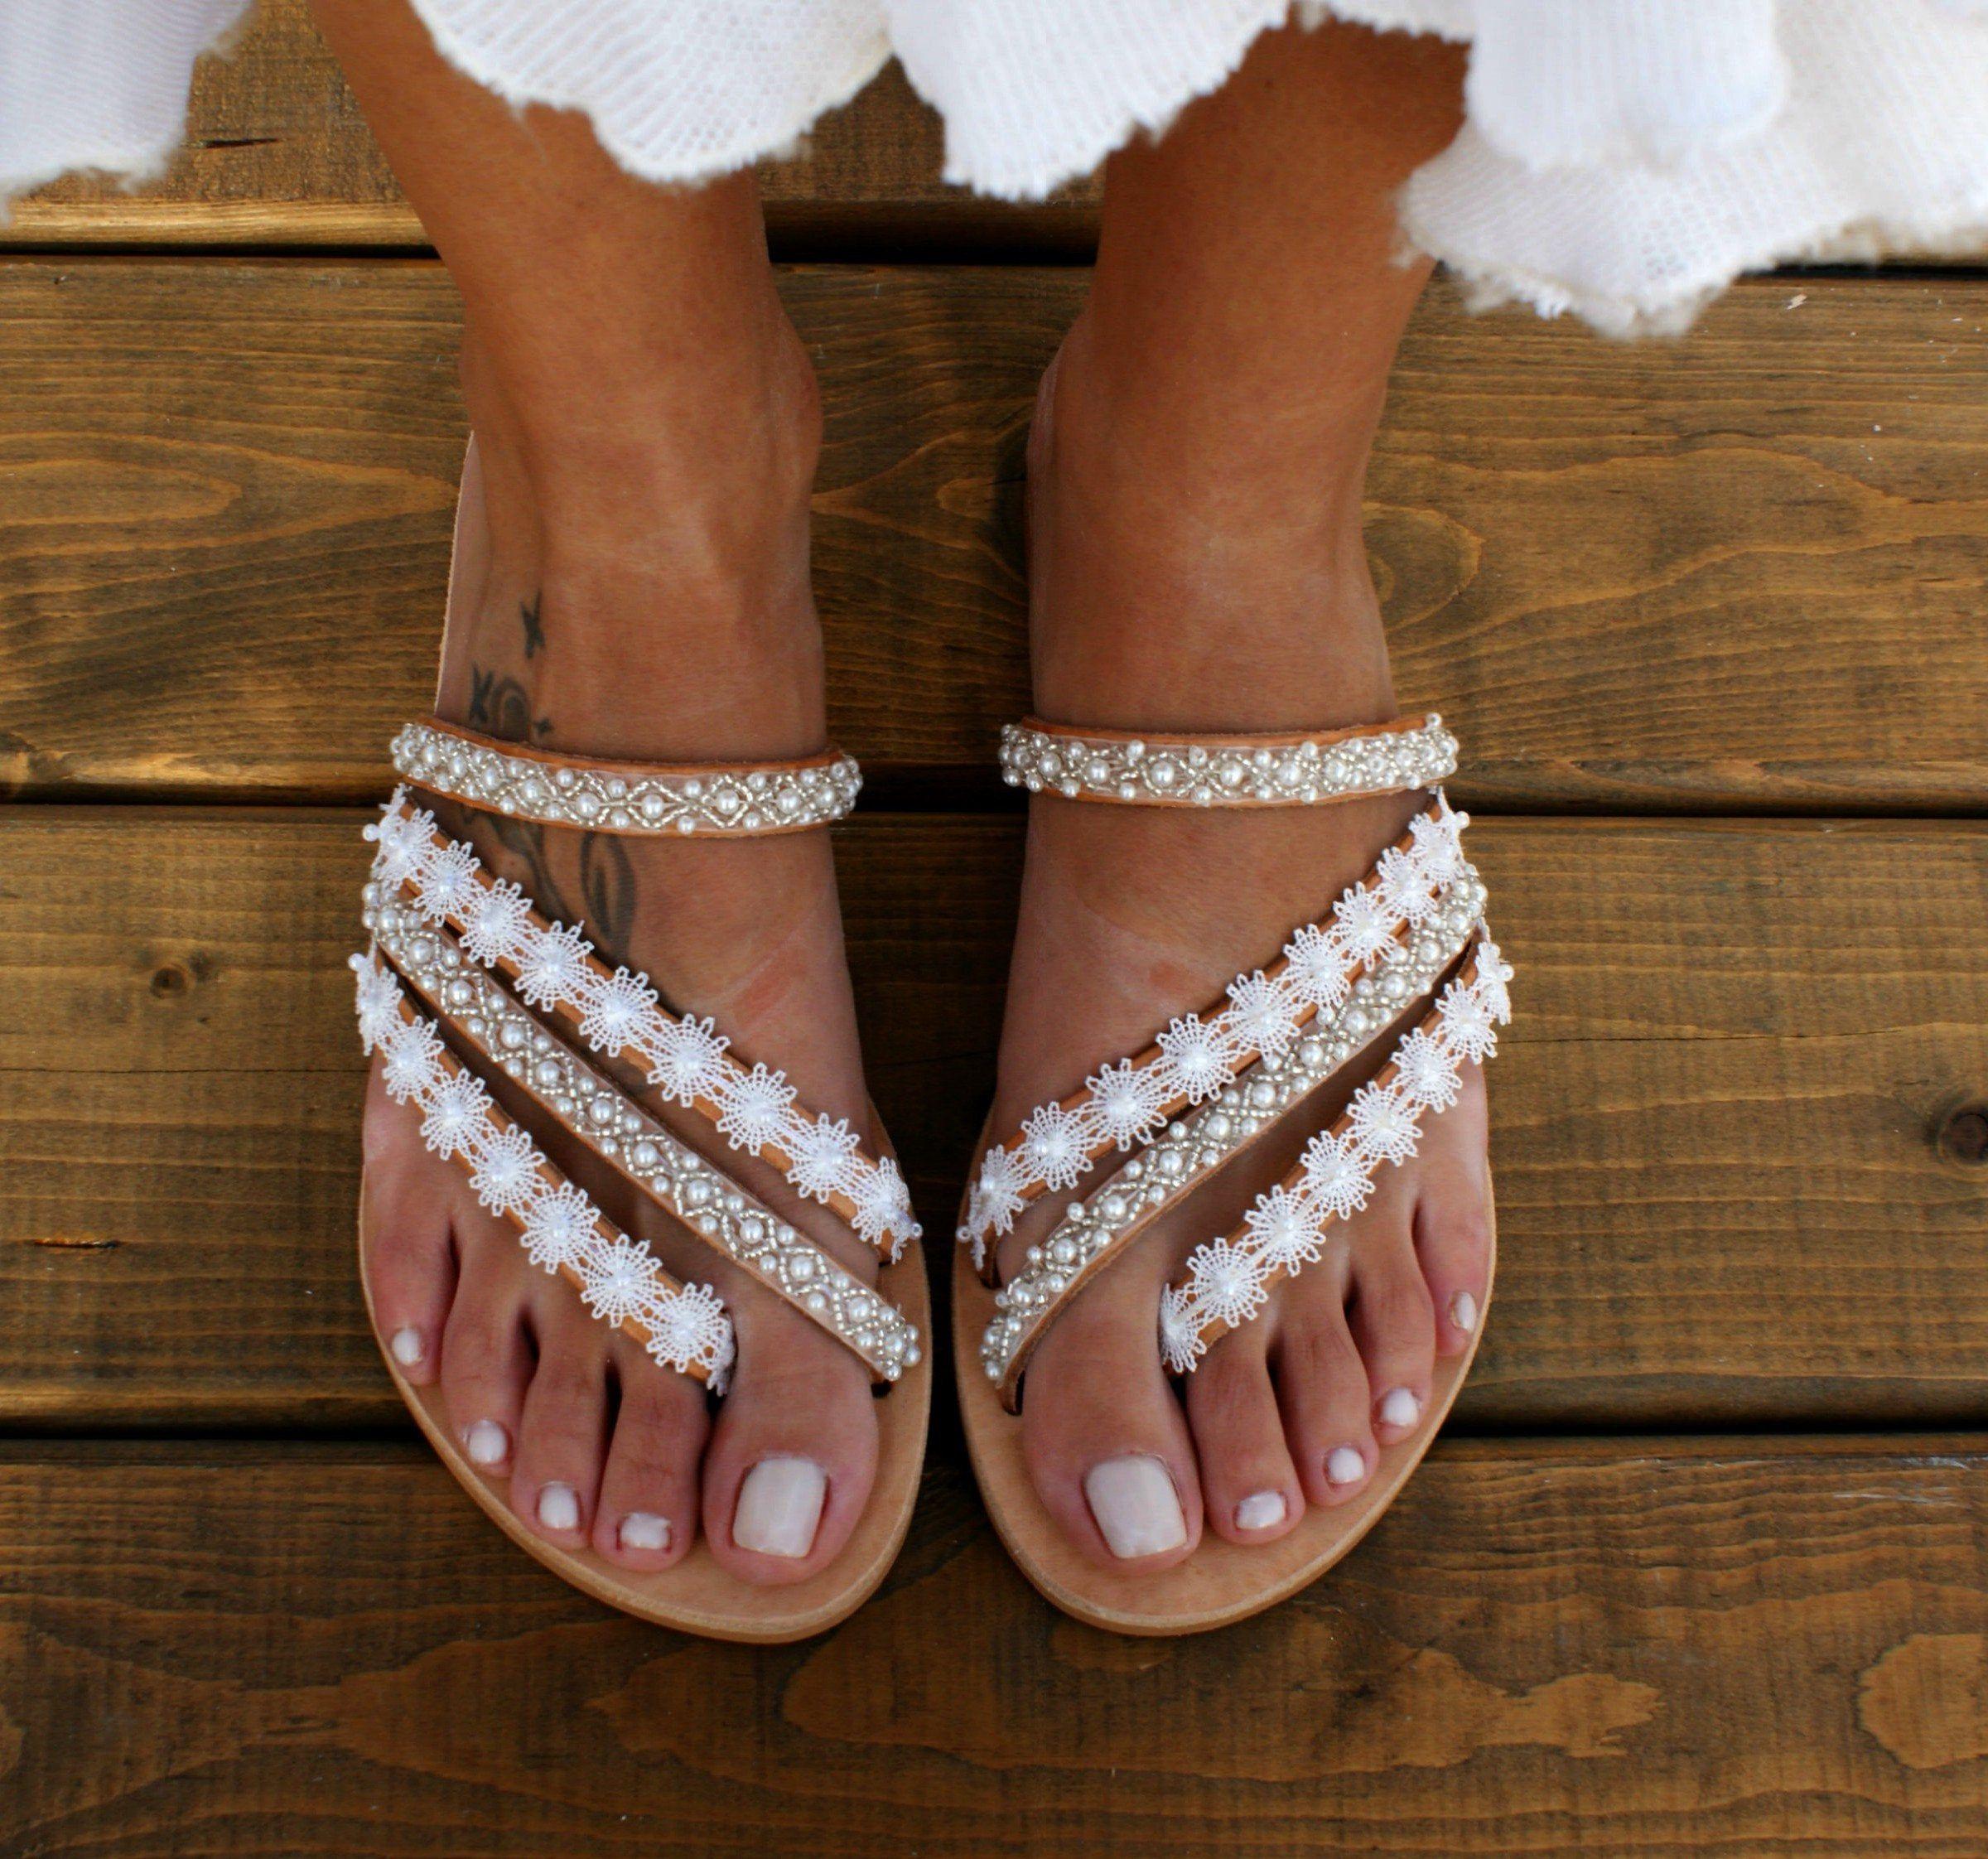 Greek White Wedding Sandals Bridal Sandals Wedding Sandals White Dress Sandals Wedding White Sandals Wedding White Flat Sandals